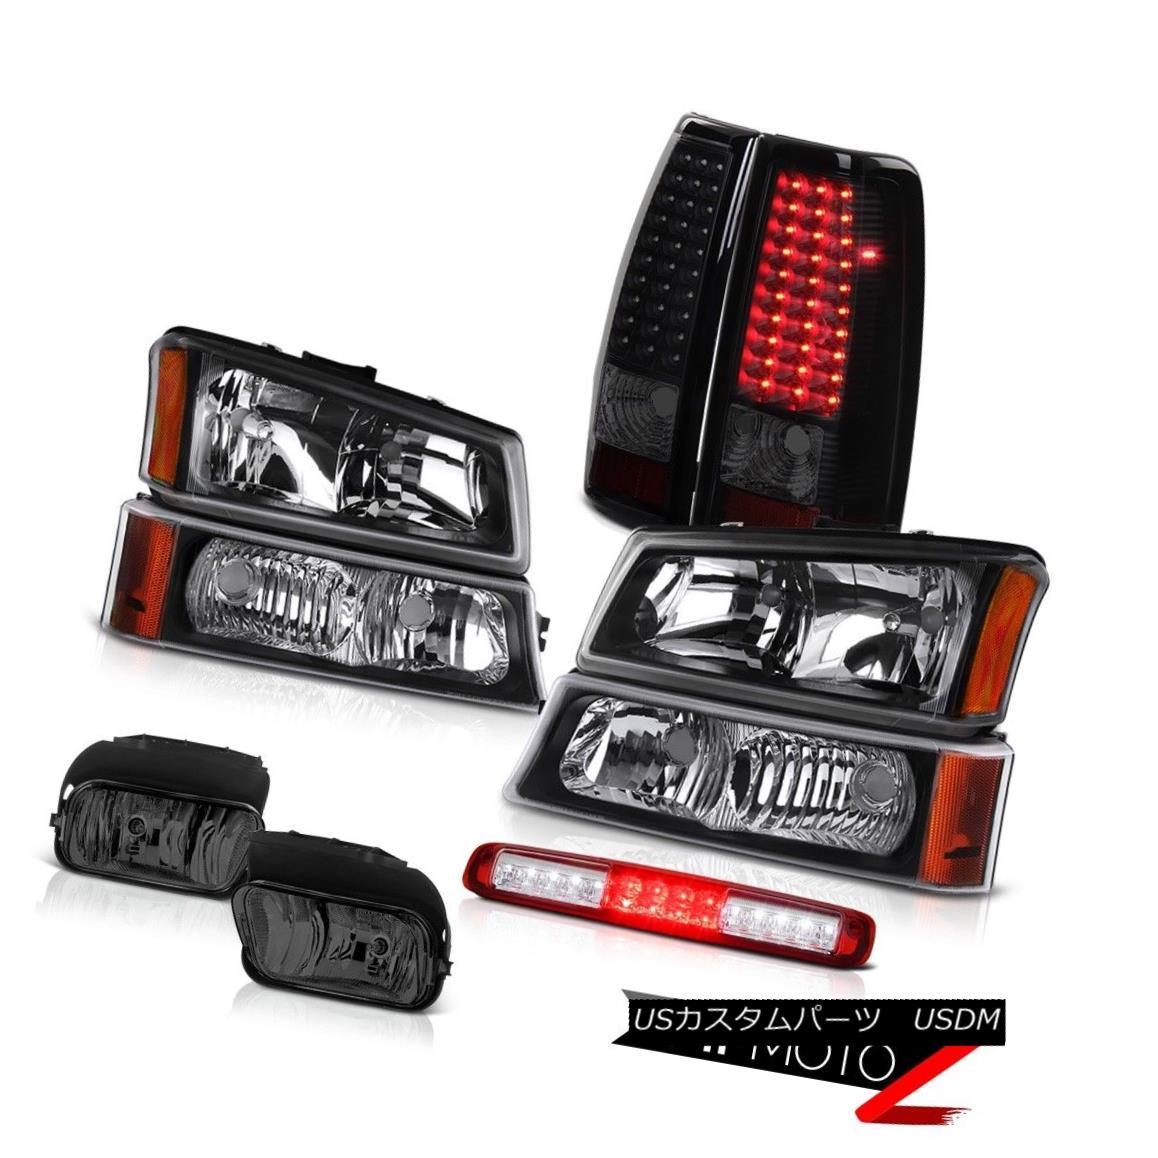 テールライト 03-06 Silverado Foglights Parking Light Wine Red 3RD Brake Headlamps Tail Lights 03-06 Silverado Foglightsパーキングライトワインレッド3RDブレーキヘッドランプテールライト